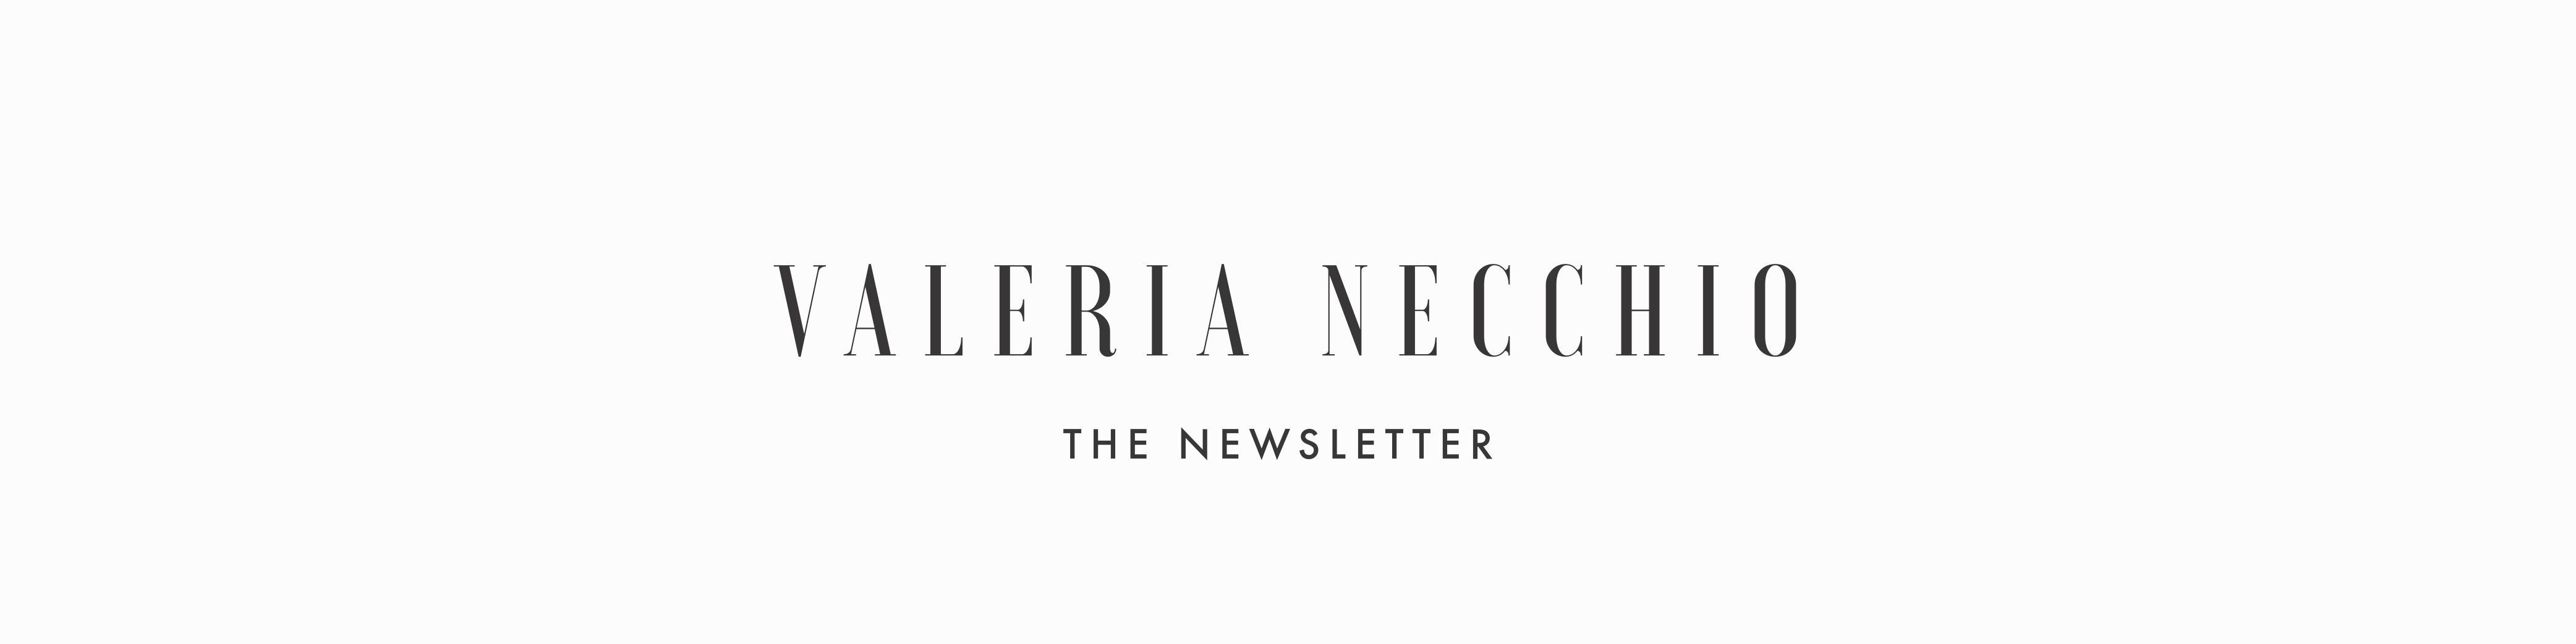 Valeria Necchio – The Newsletter